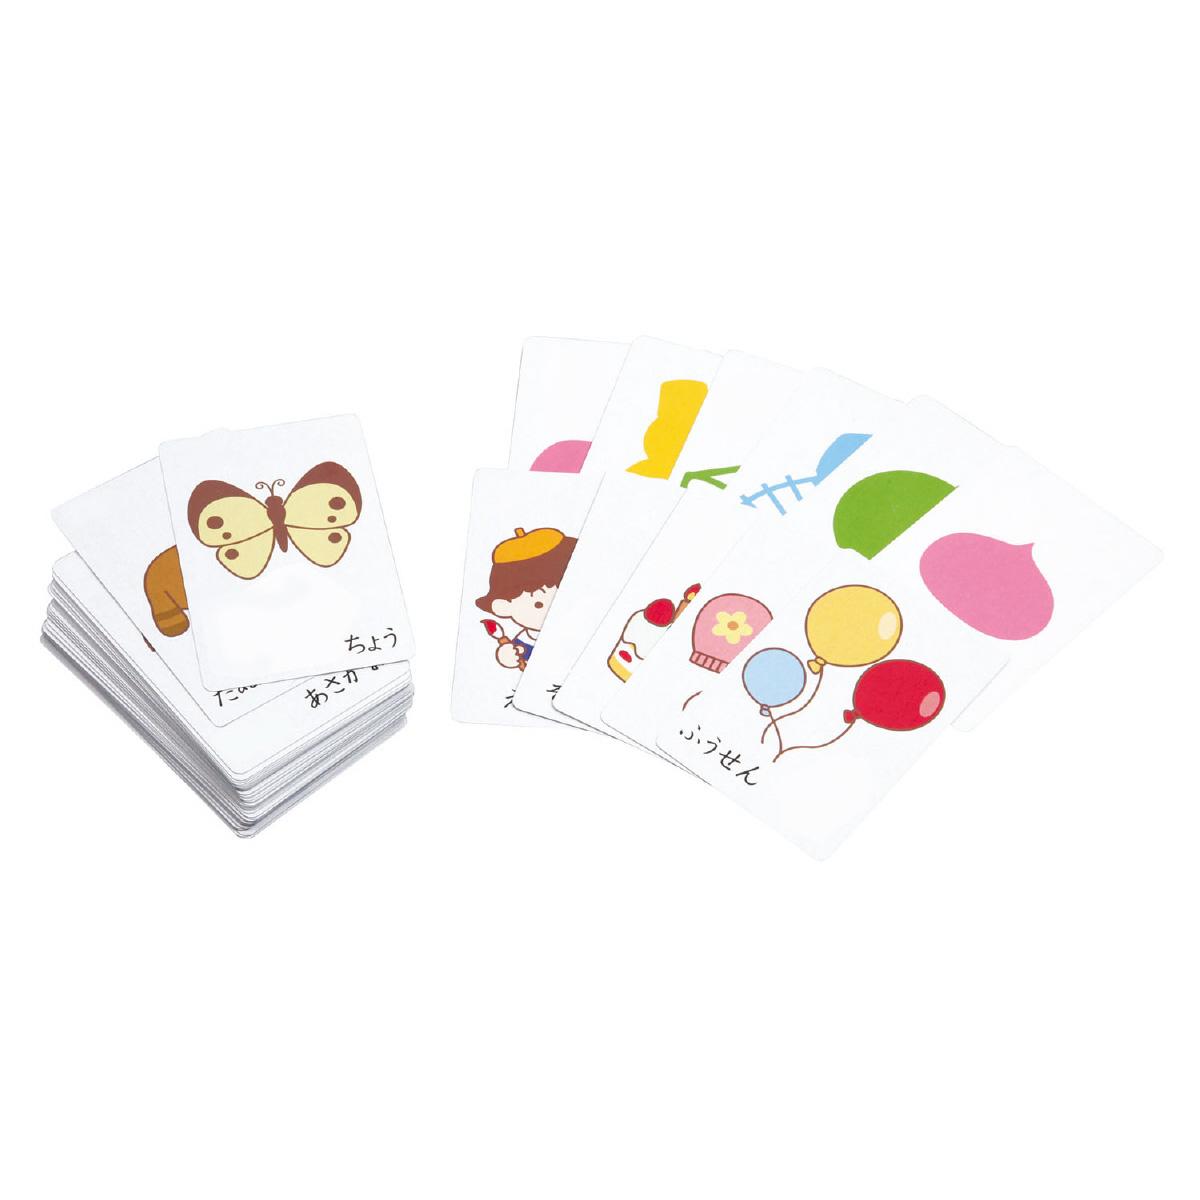 キッズスタディ なまえカード アーテック 知育玩具 カード ゲーム 幼児 勉強 子供 キッズ クリスマスプレゼント